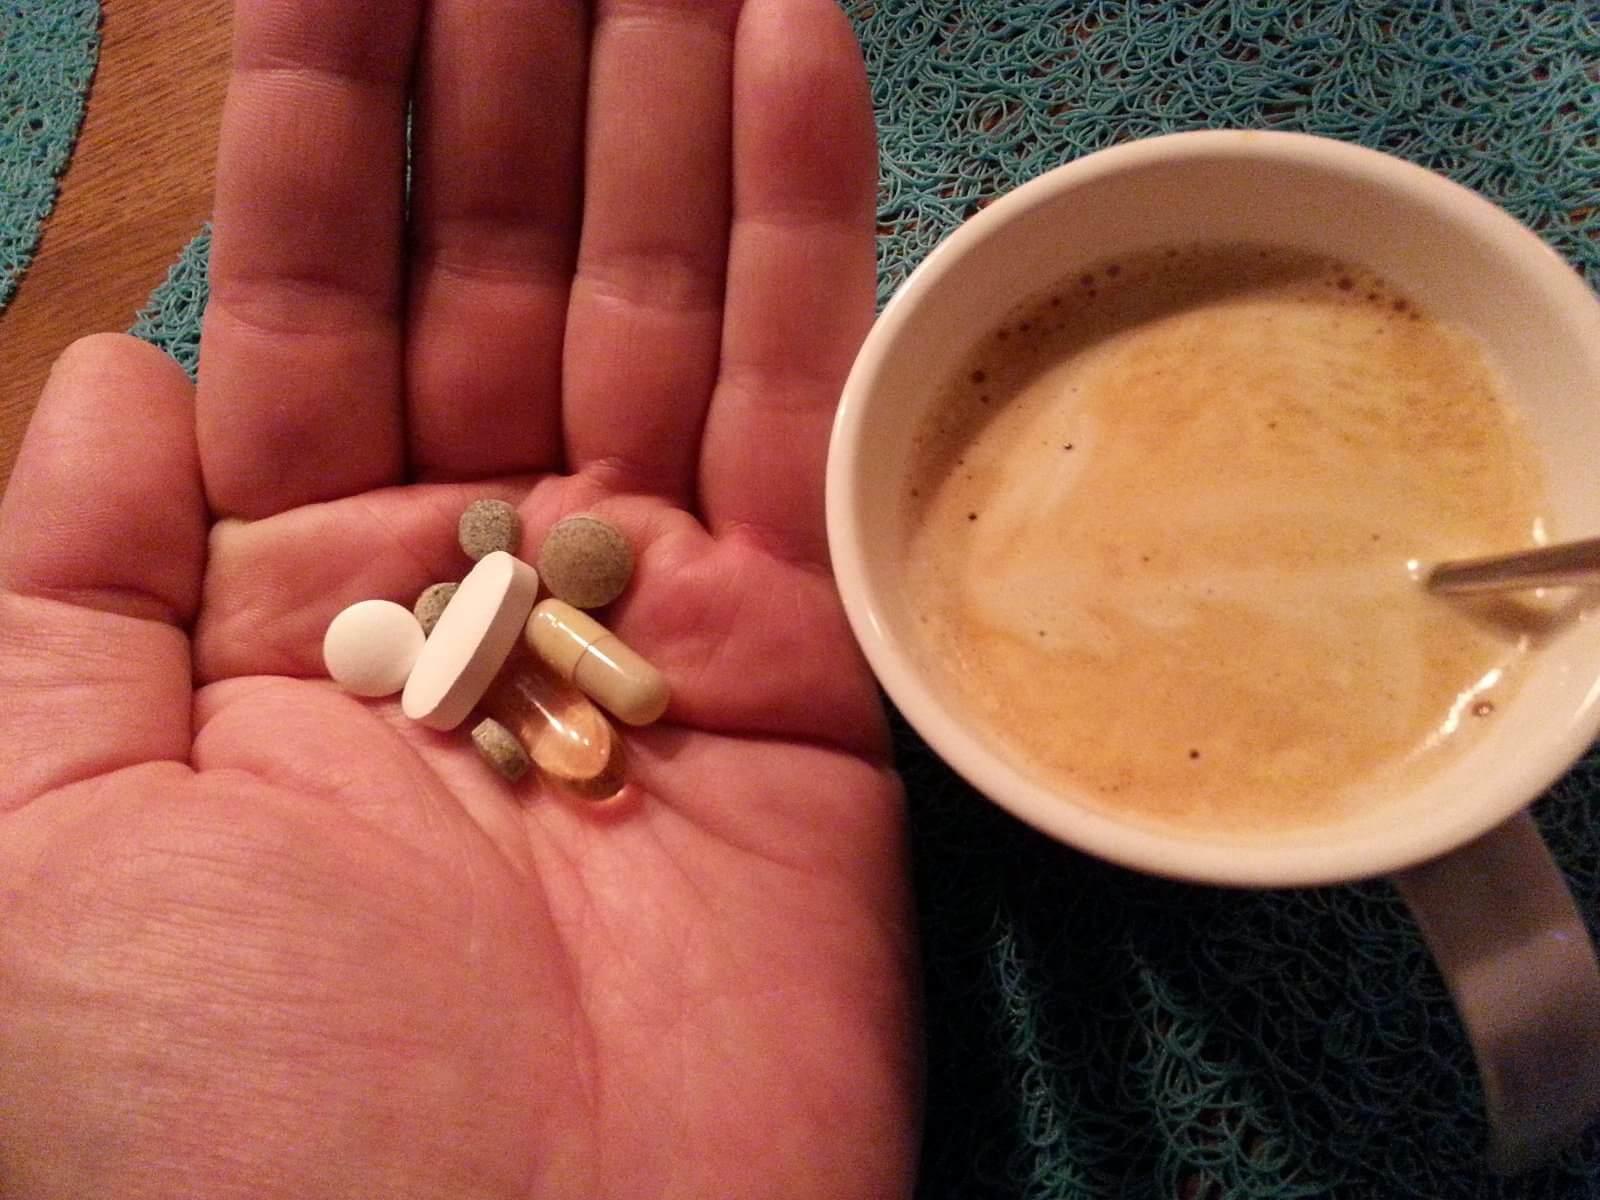 Eine Hand voll Pillen